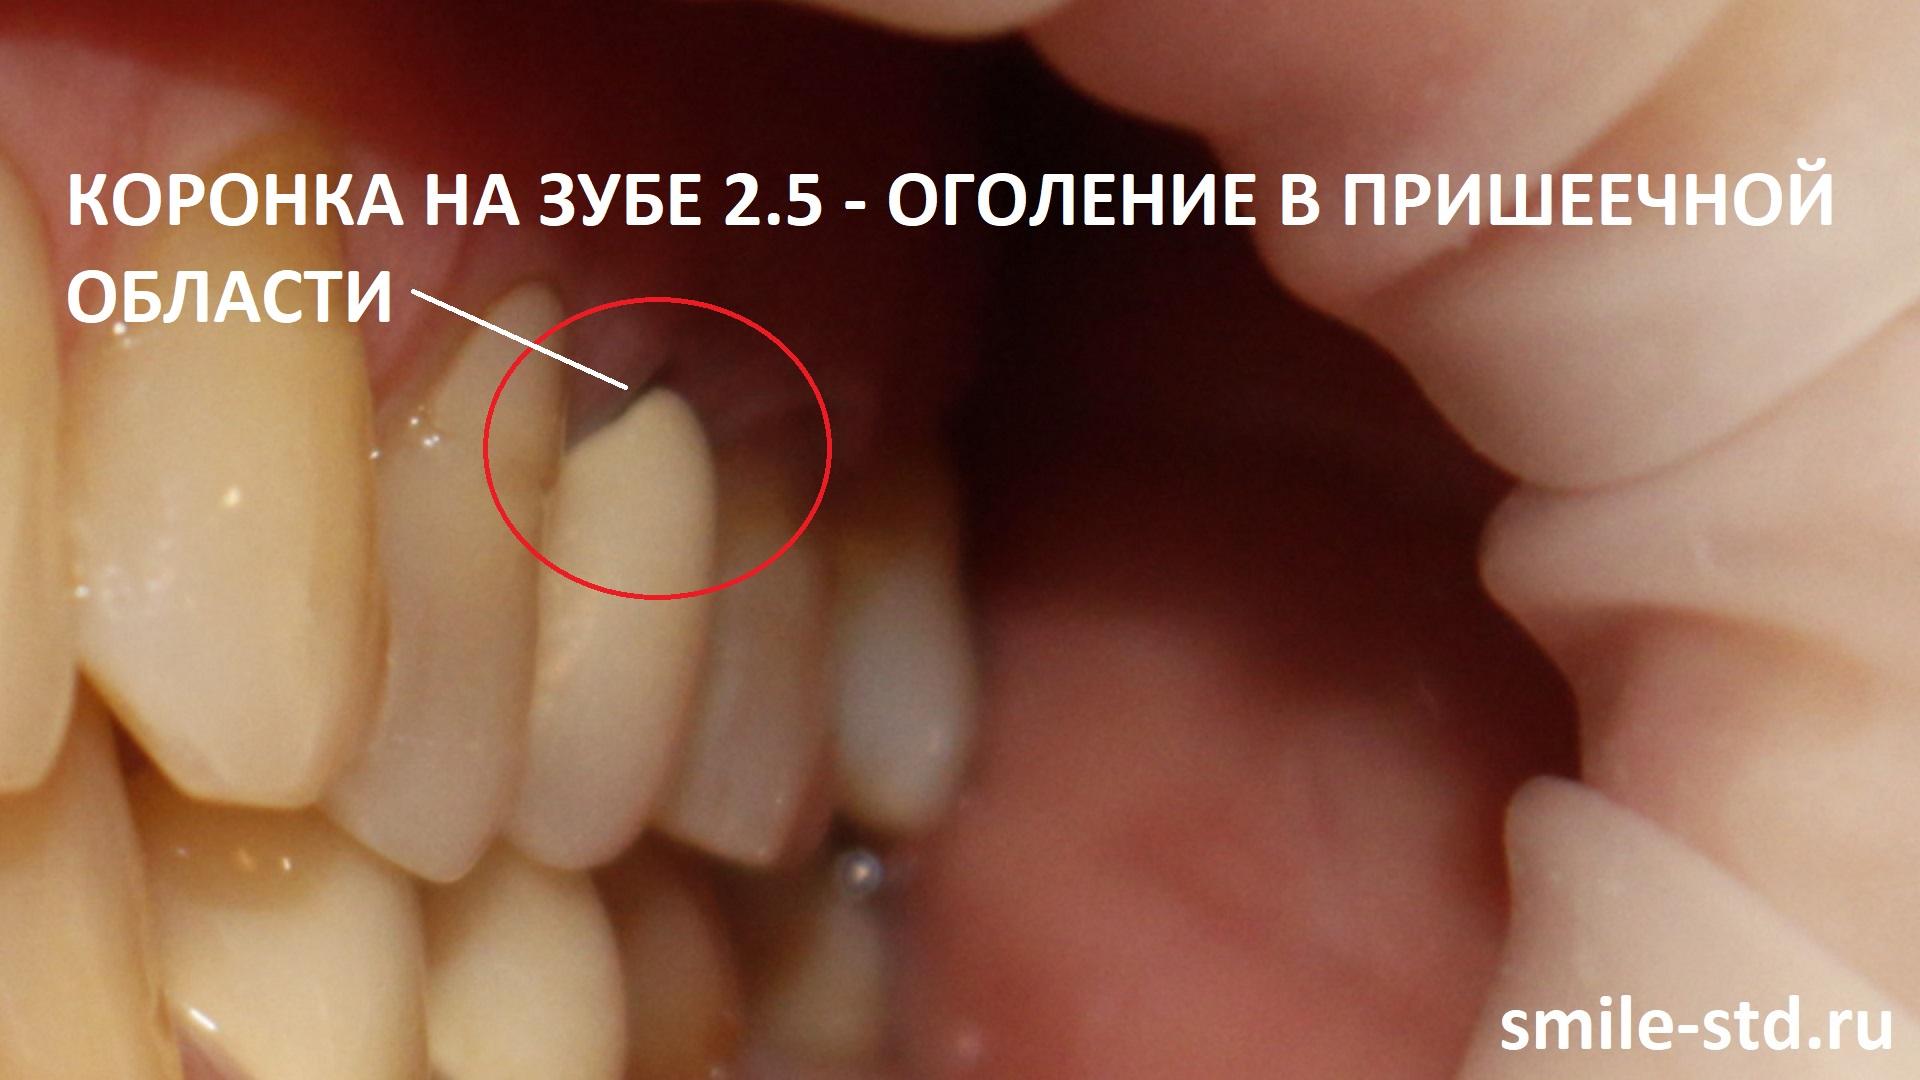 Зуб 2.5 обрел те же самые проблемы - оголение в пришеечной области, трещины в эмали керамической коронки. Пациент клиники Smile STD, Москва